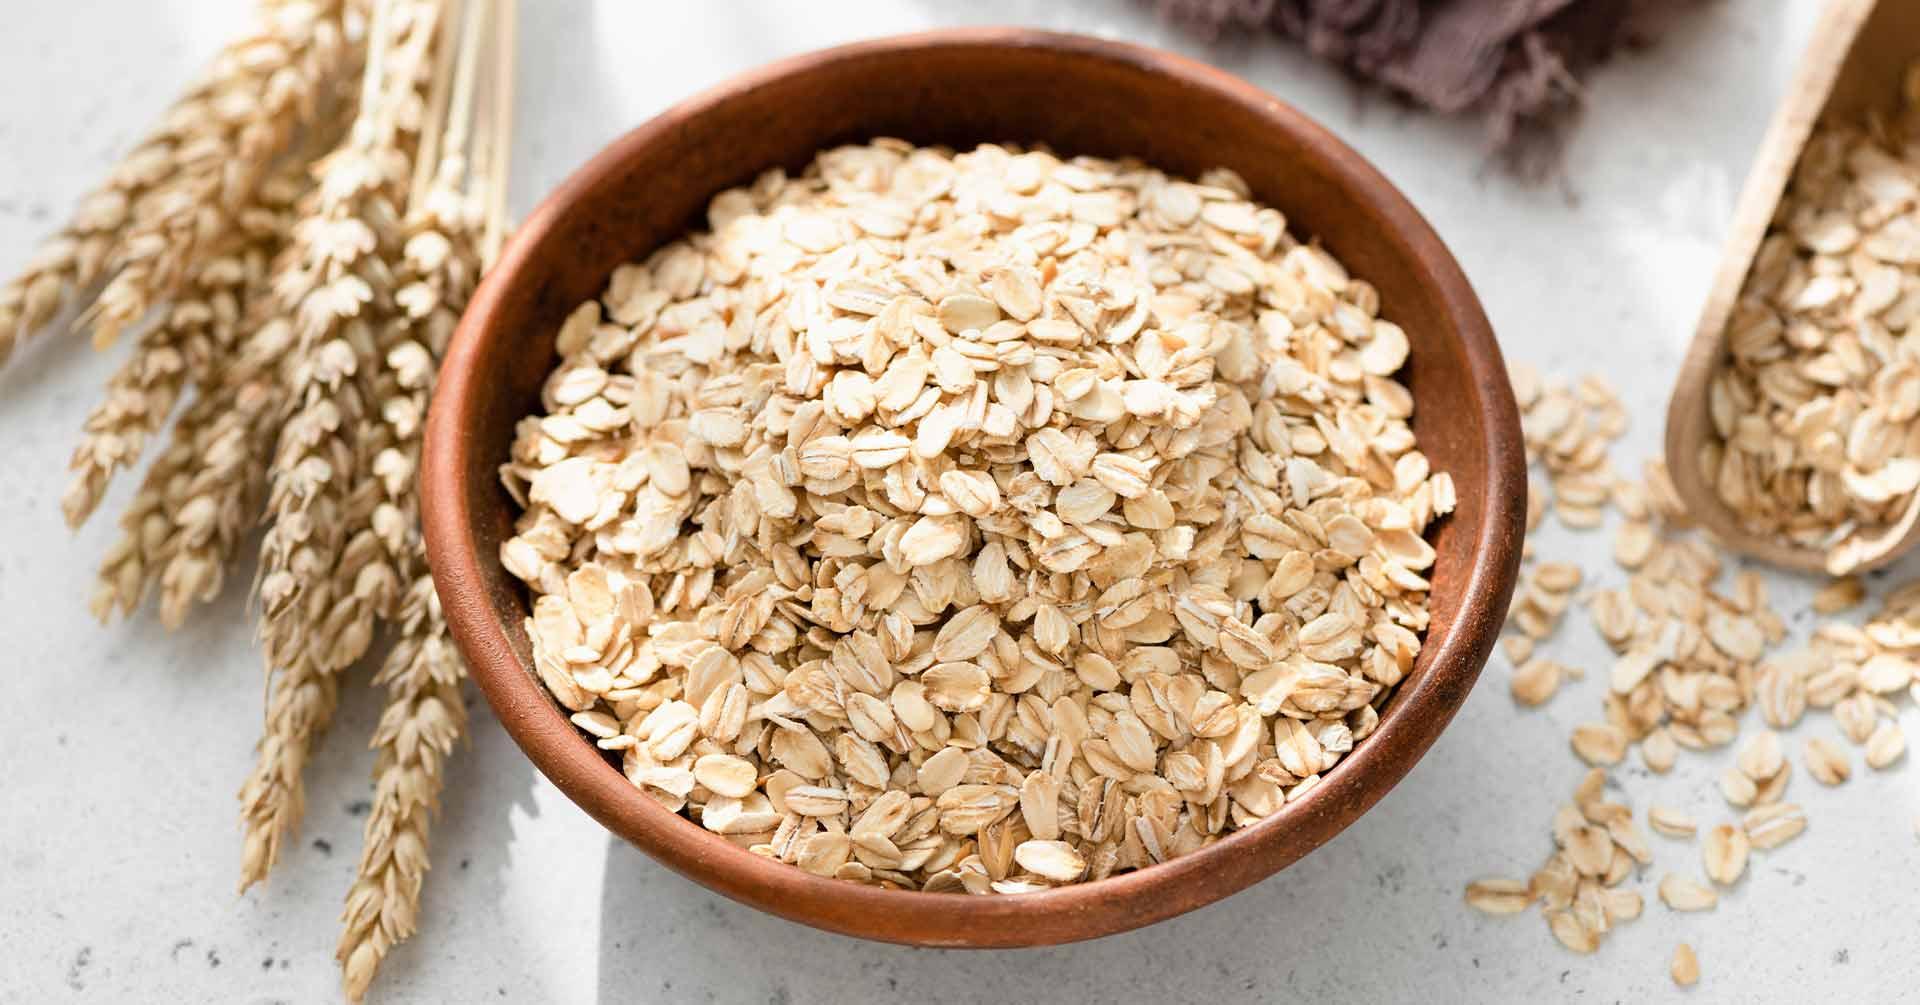 ¿Qué es la avena? Datos increíbles del cereal más sano